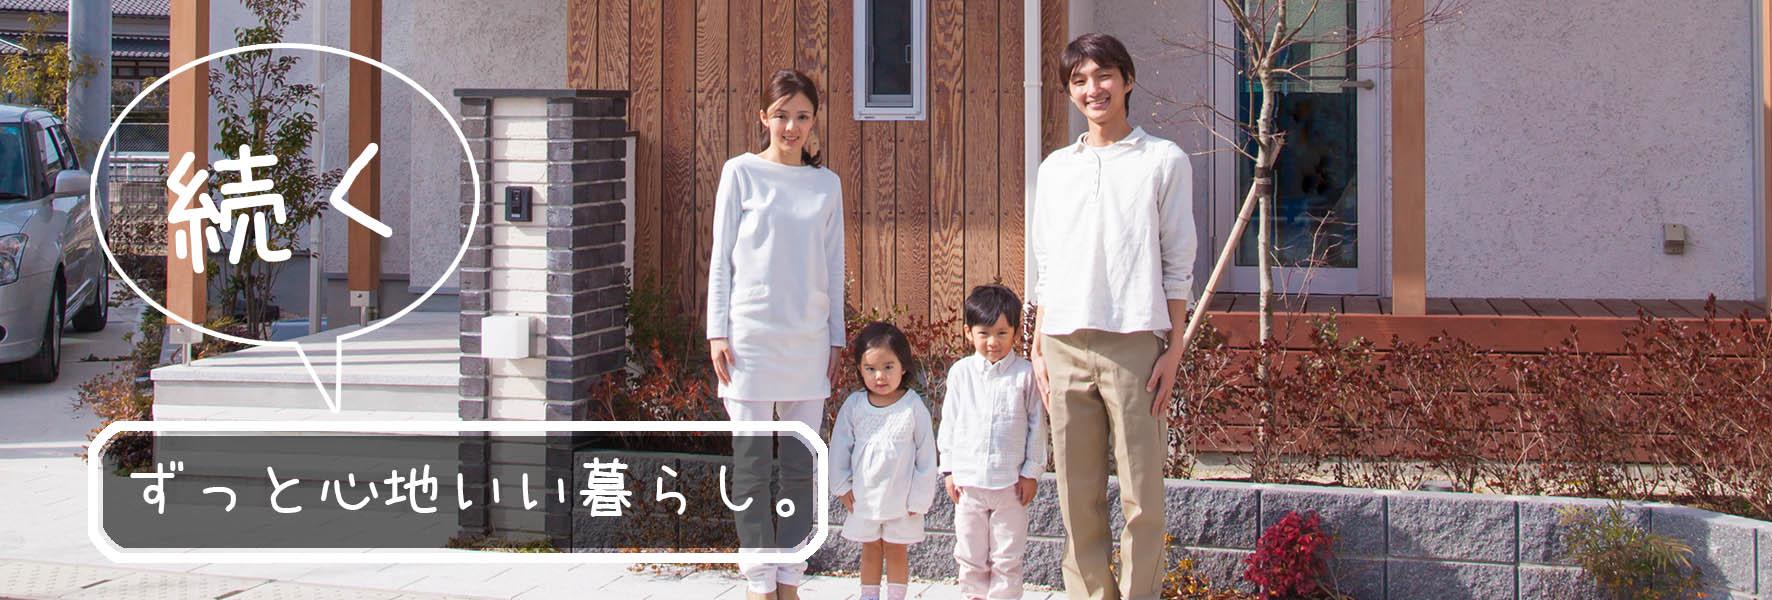 高畠町の住宅リフォームは平建設にお任せ